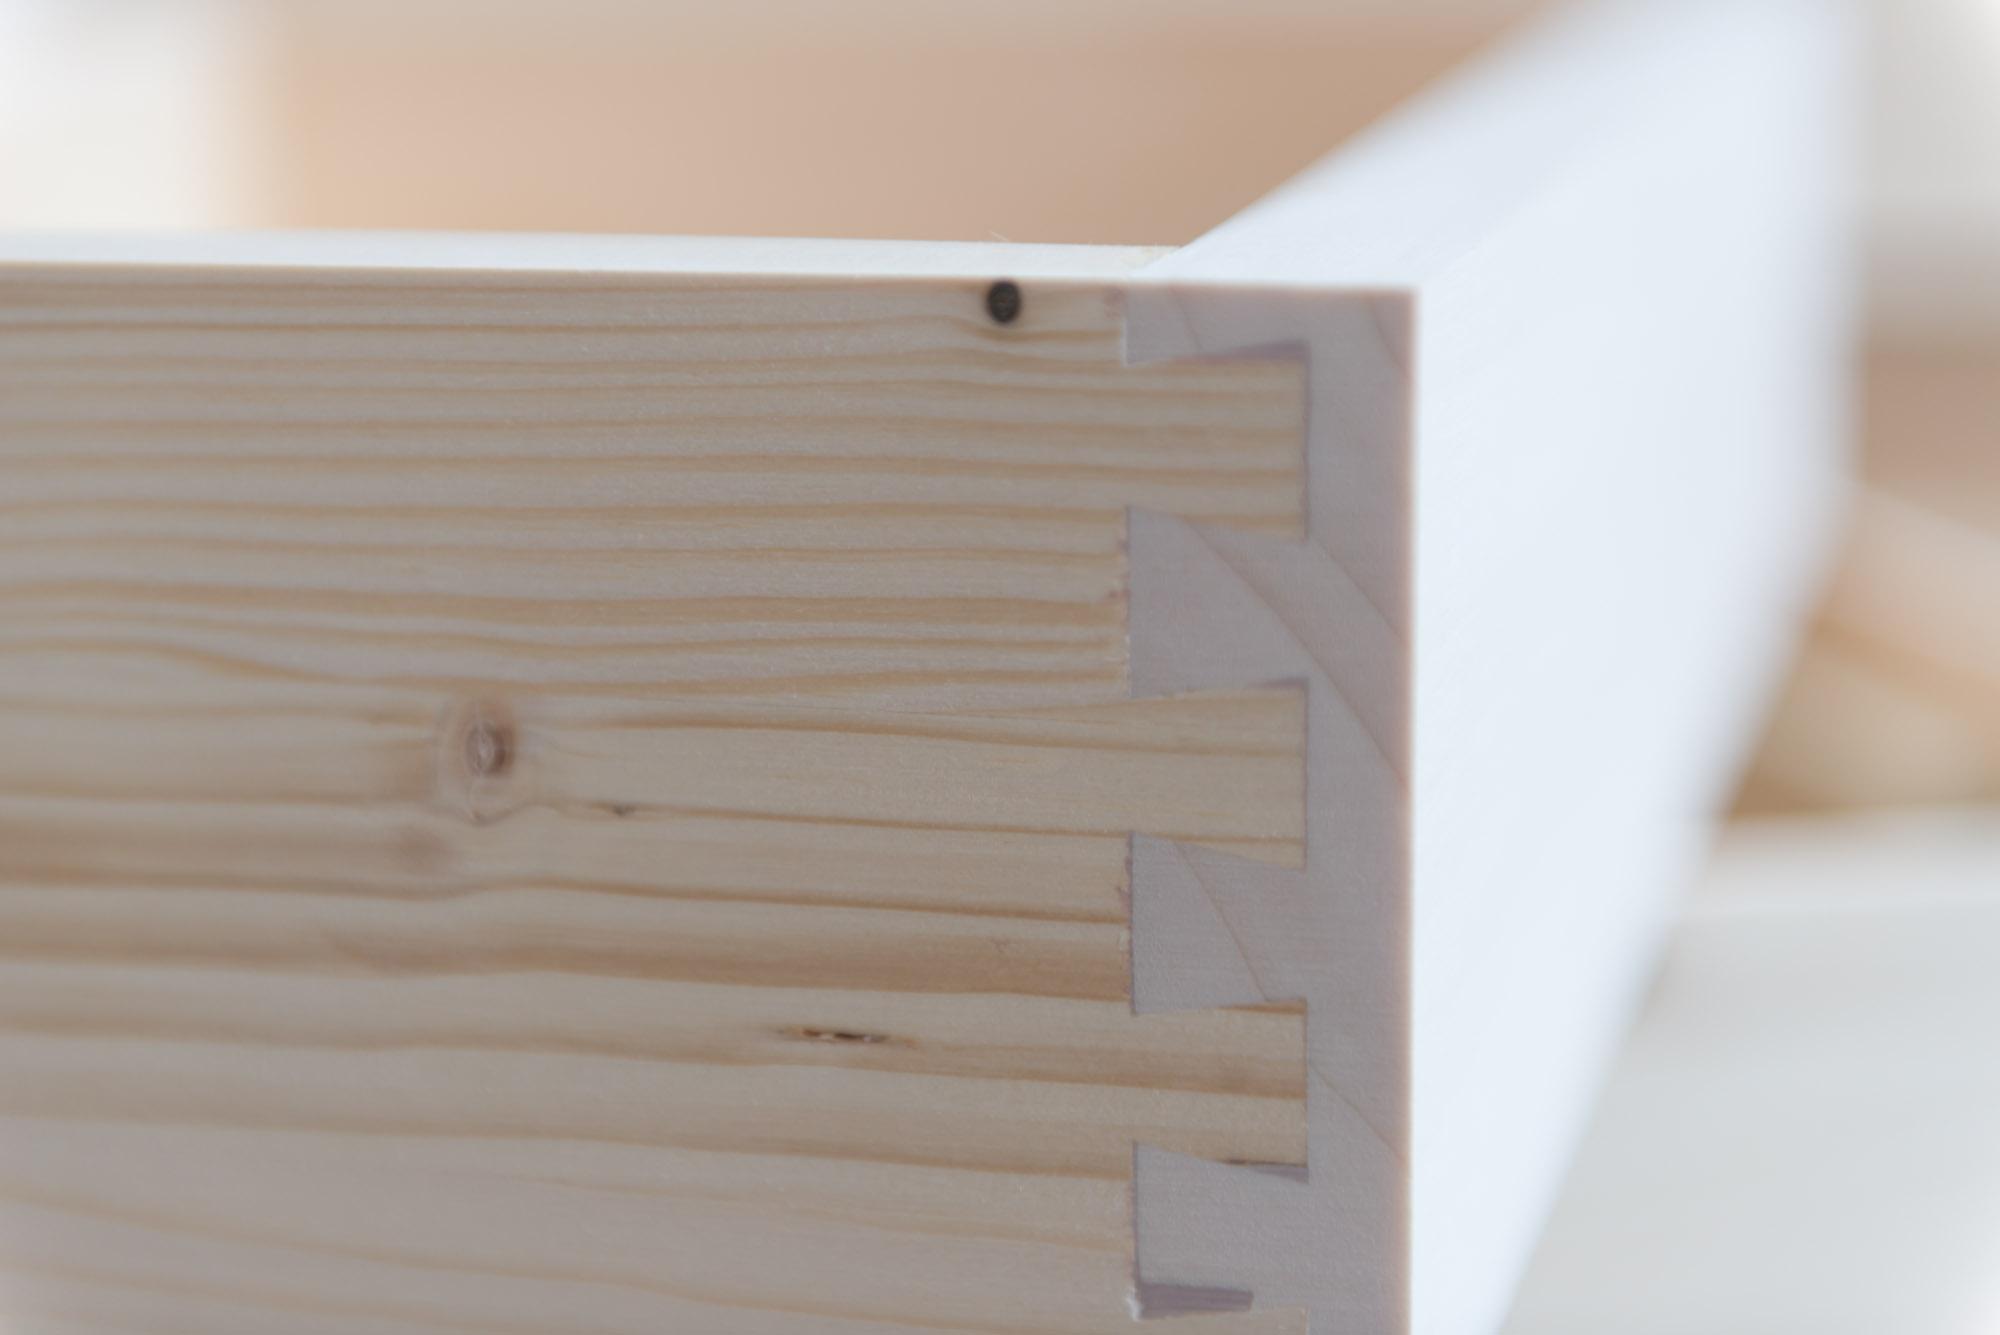 Lavorare Il Legno Grezzo : Come è fatto un mobile in arte povera artlegno